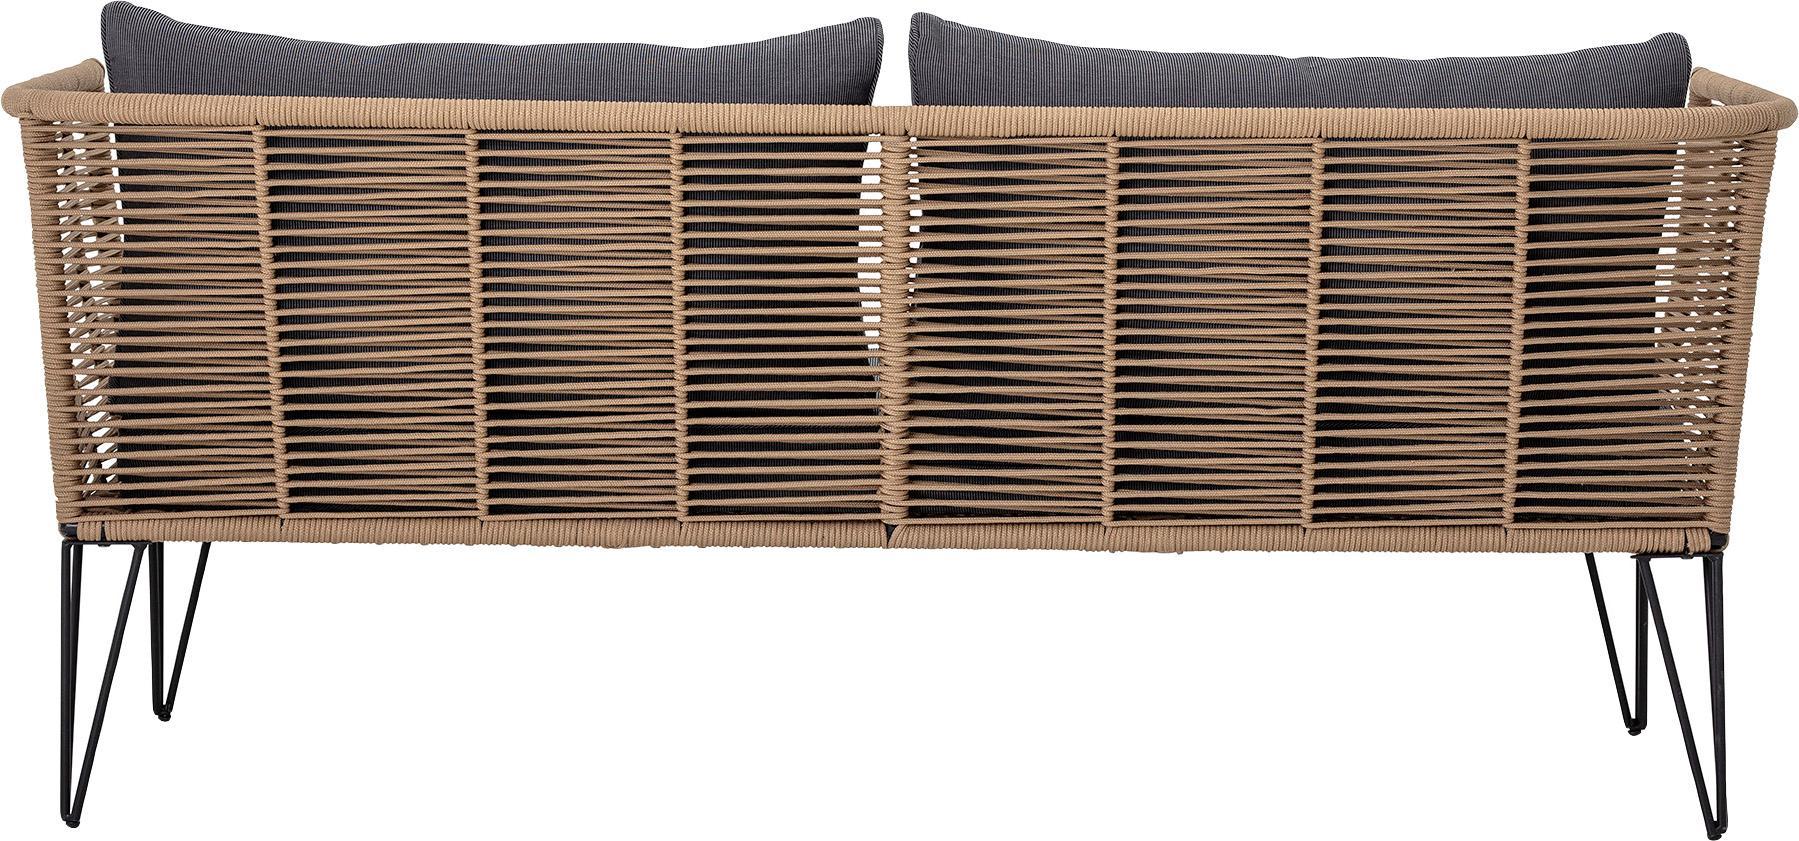 Garten-Loungesofa Mundo mit Kunststoff-Geflecht (2-Sitzer), Gestell: Metall, pulverbeschichtet, Sitzfläche: Polyethylen, Bezug: Polyester, Braun, B 175 x T 74 cm